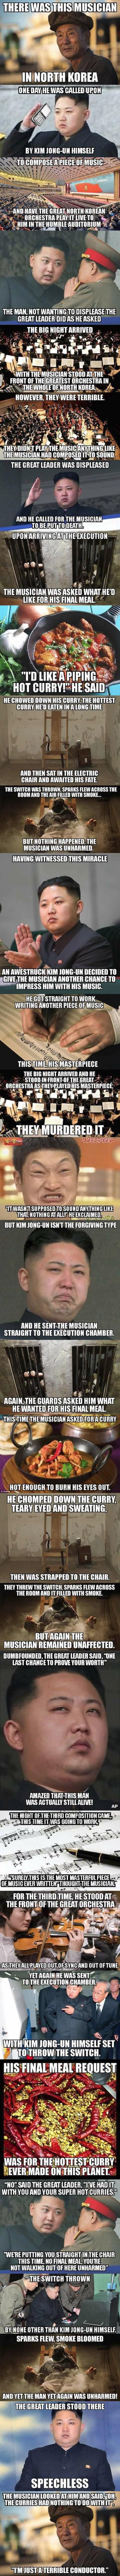 Kim Jong-un vs The Musician